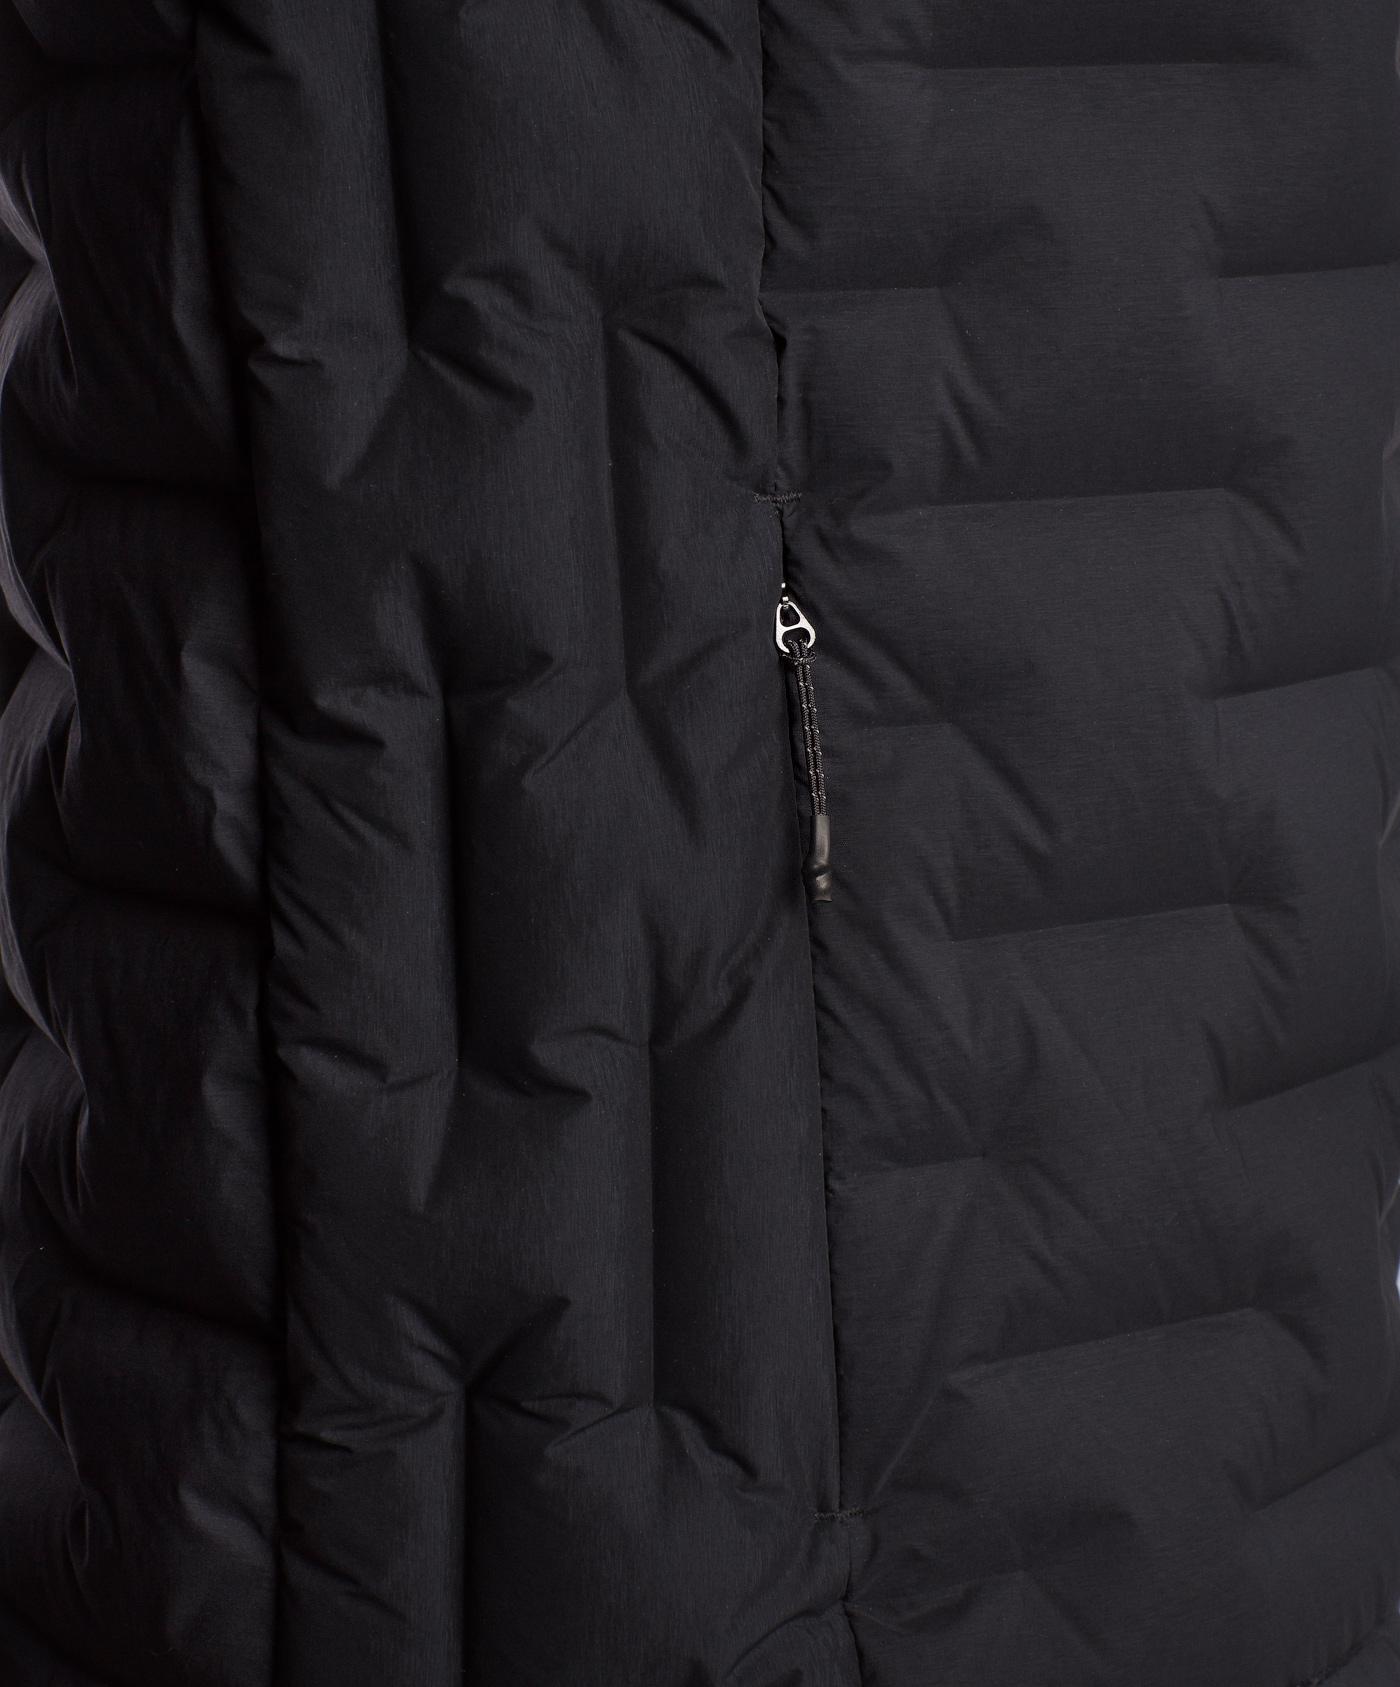 Куртка BASK ORION фото